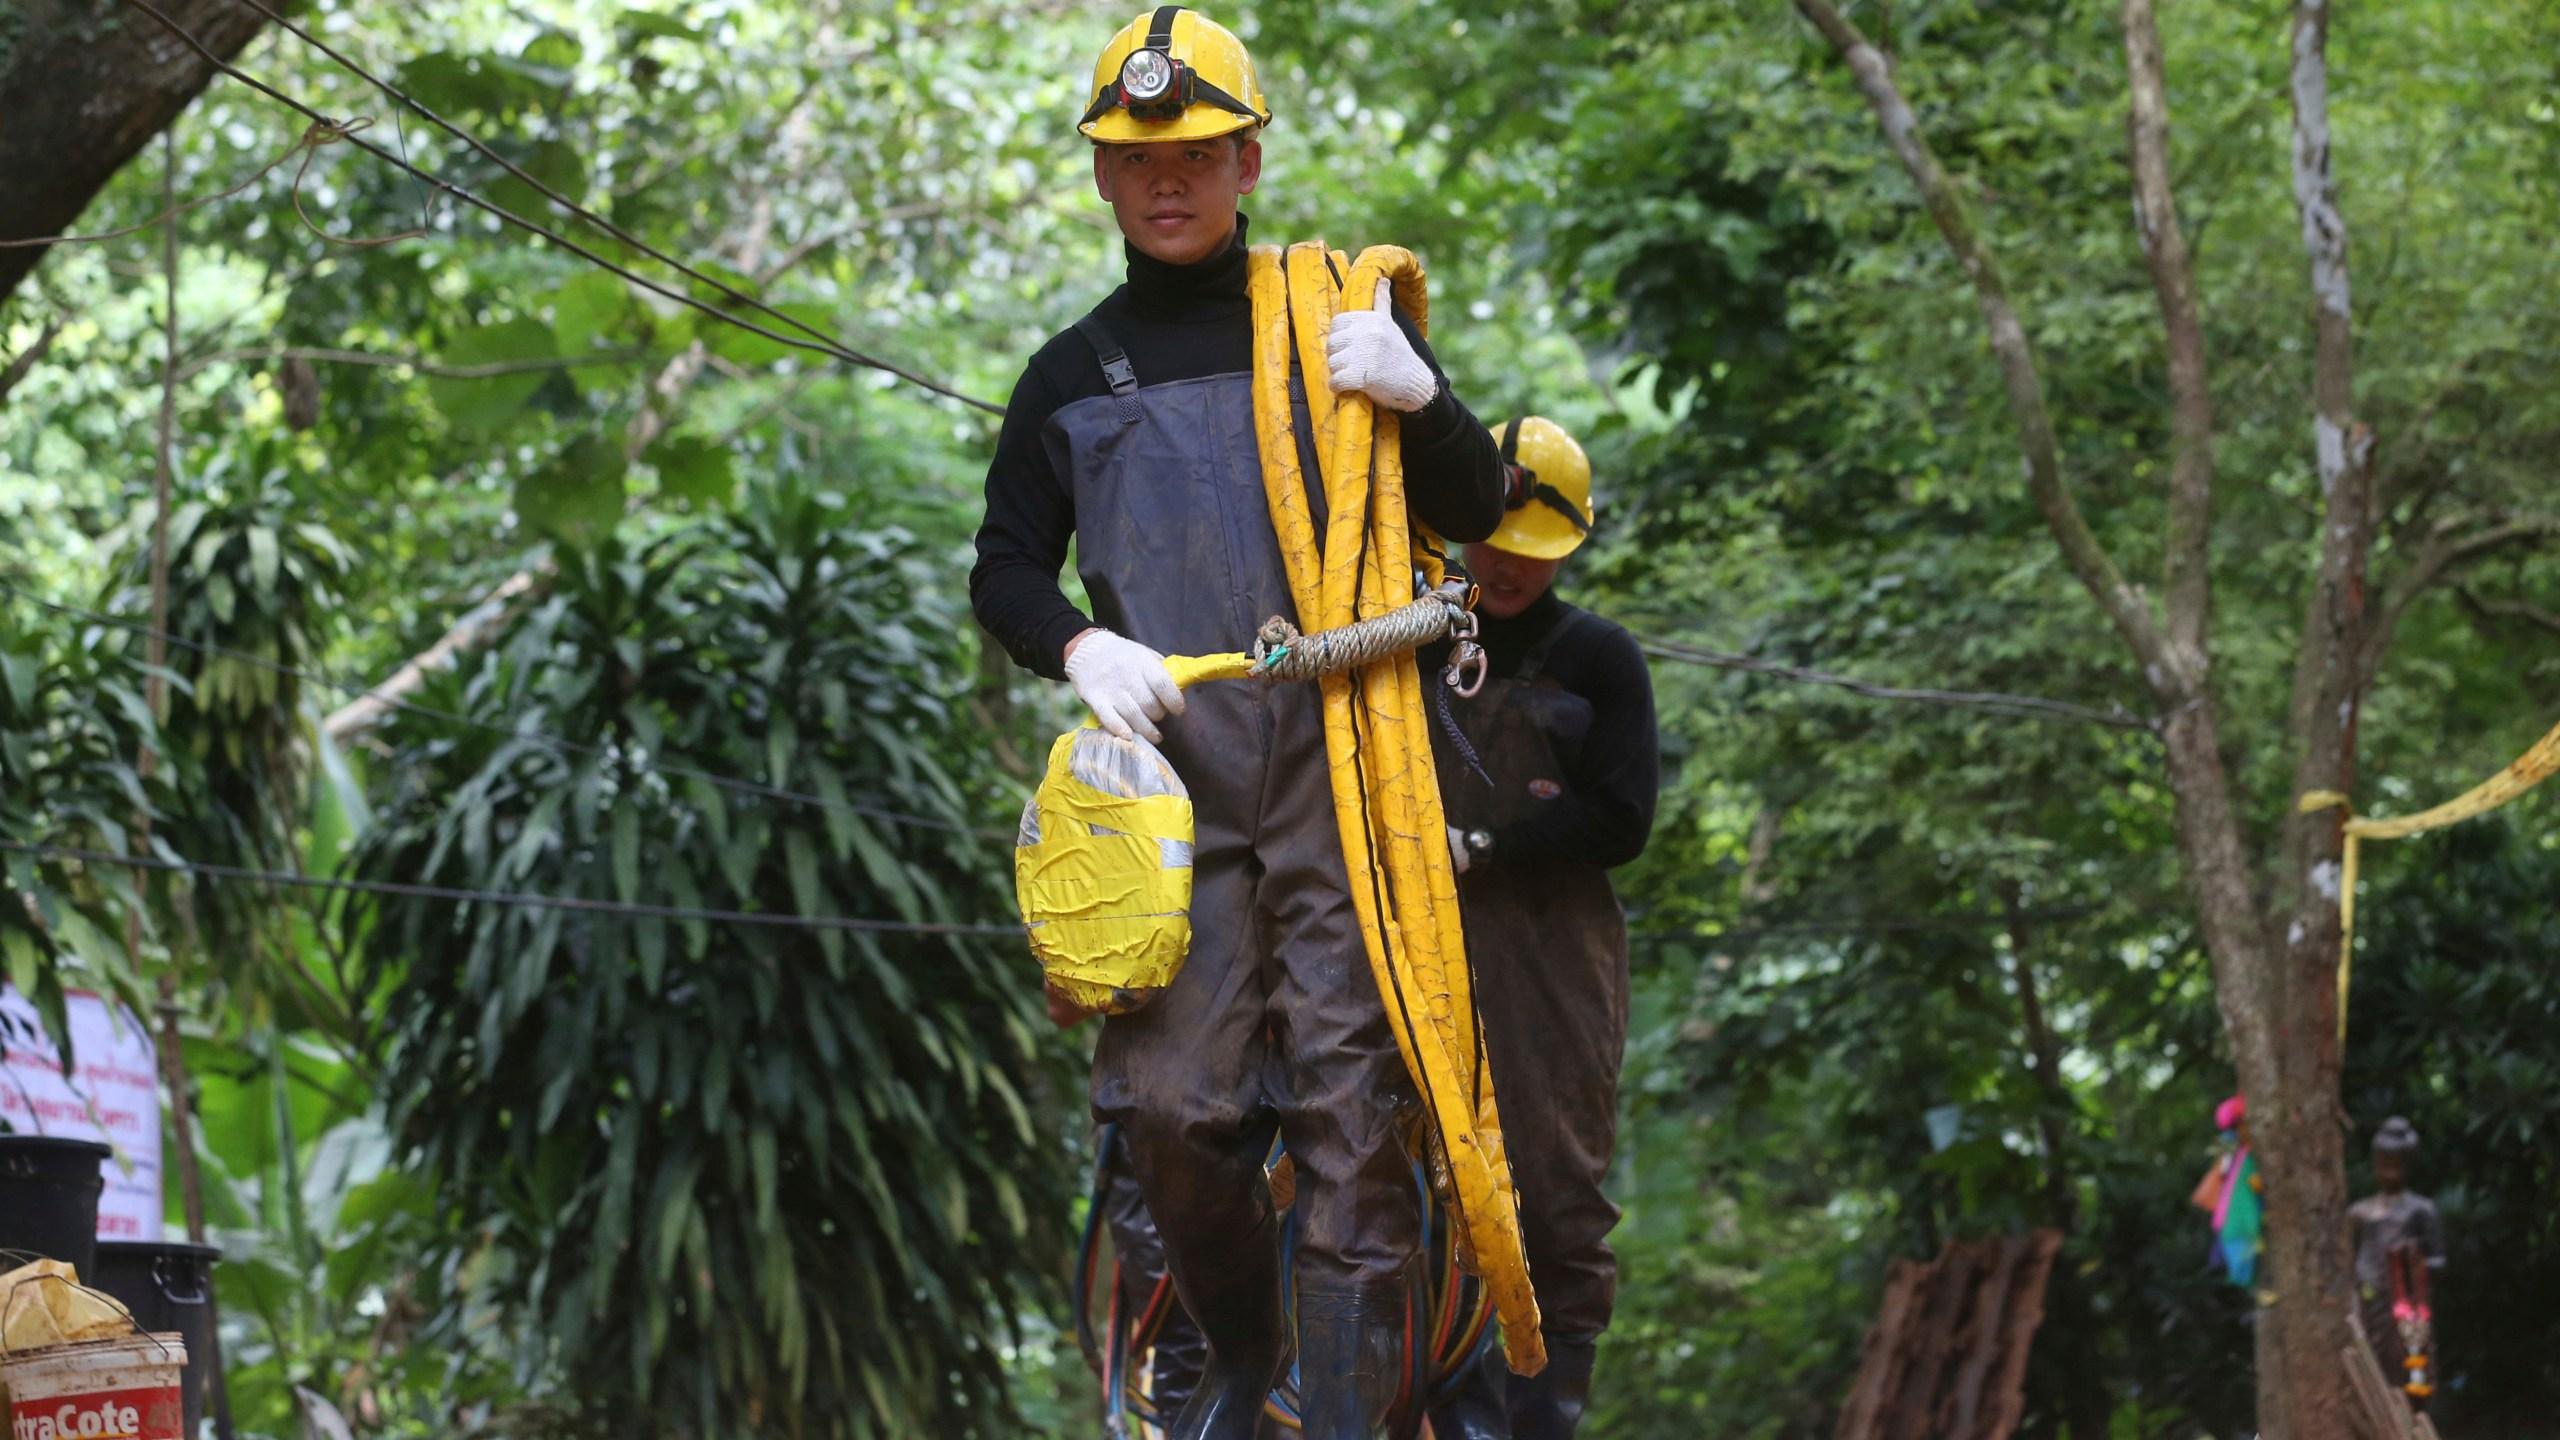 Thailand_Cave_Search_73888-159532.jpg16269699